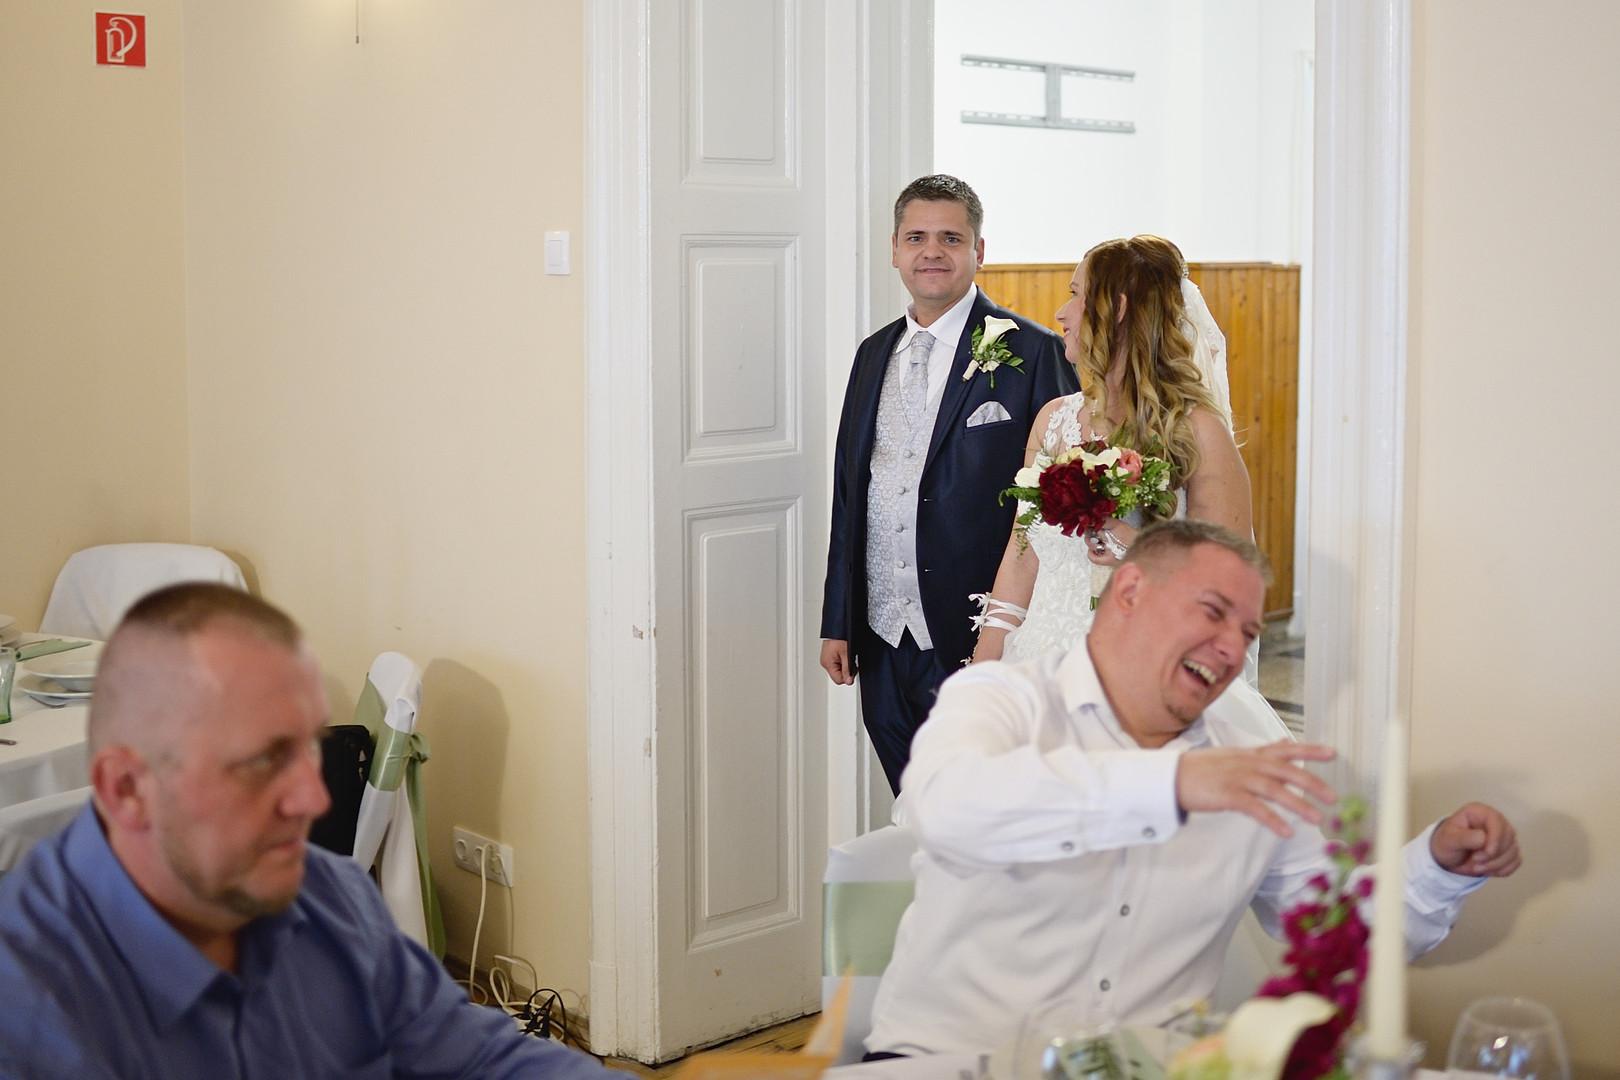 371  Esküvői fotózás - Enikő és Peti Bul